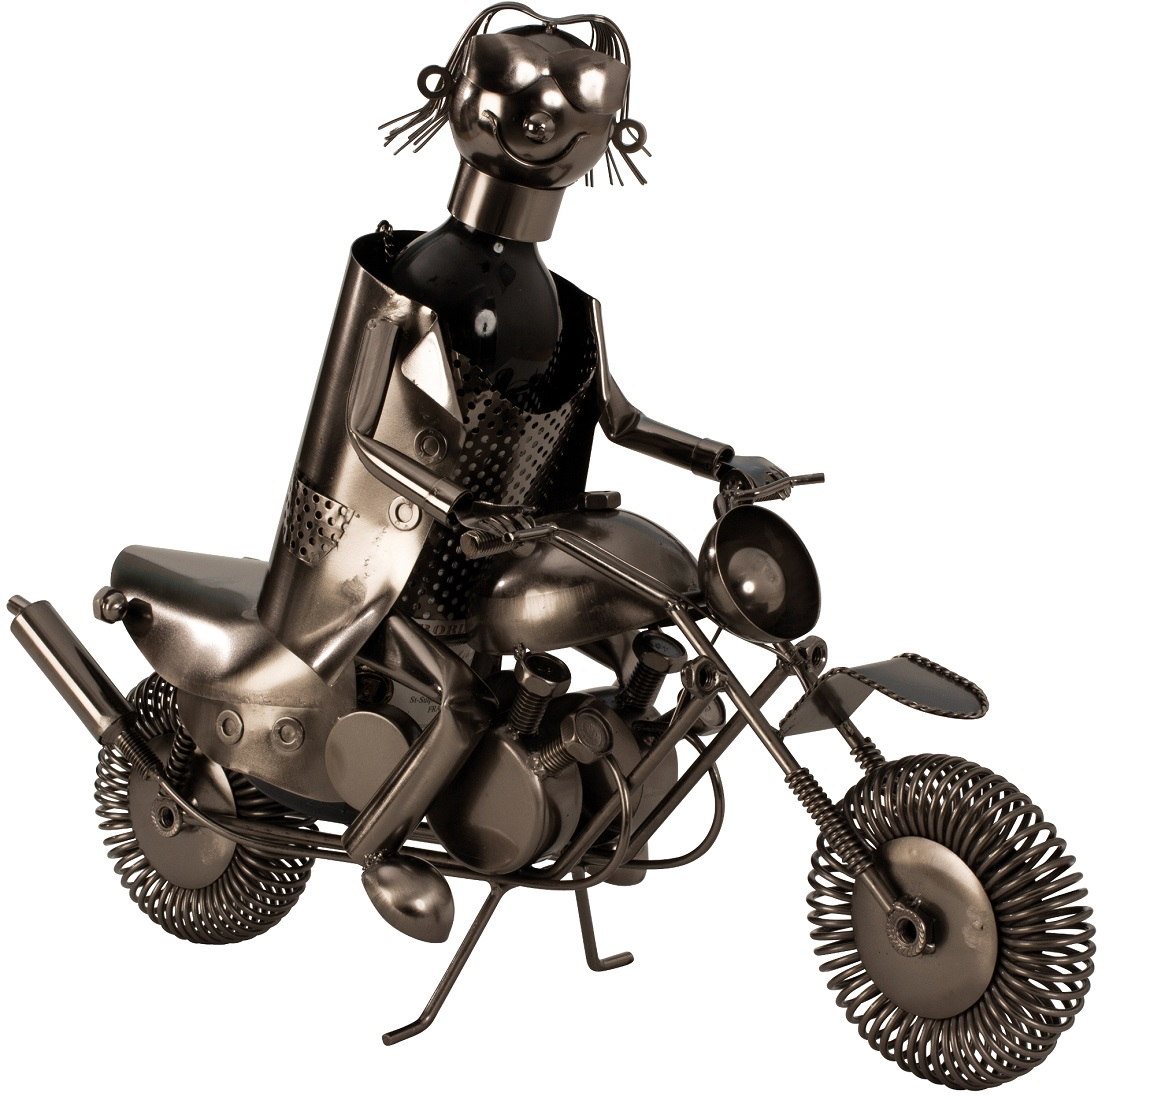 Metall Flaschenhalter Motorrad für Weinflasche